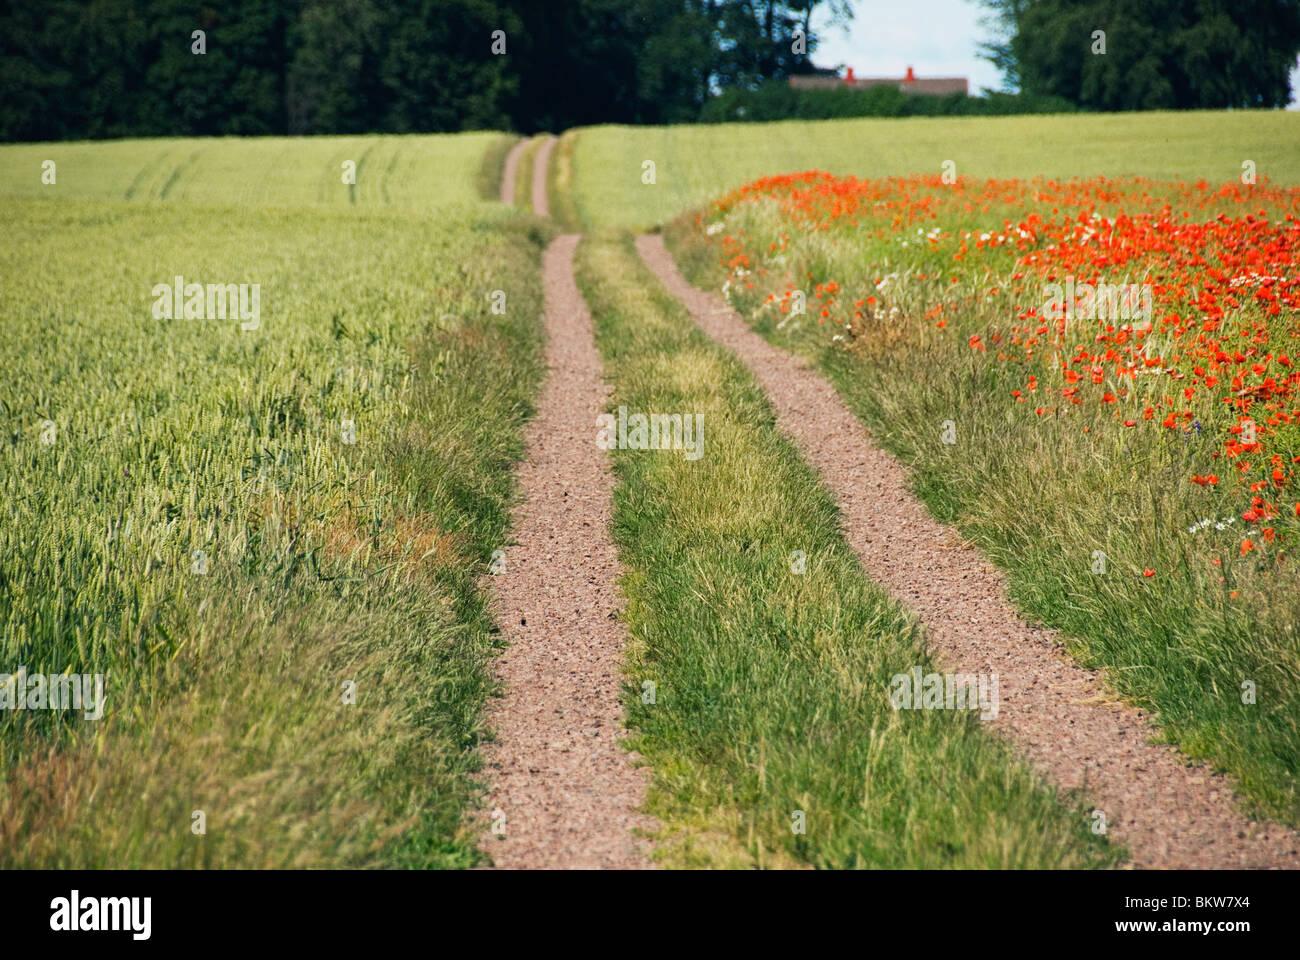 Road between fields - Stock Image